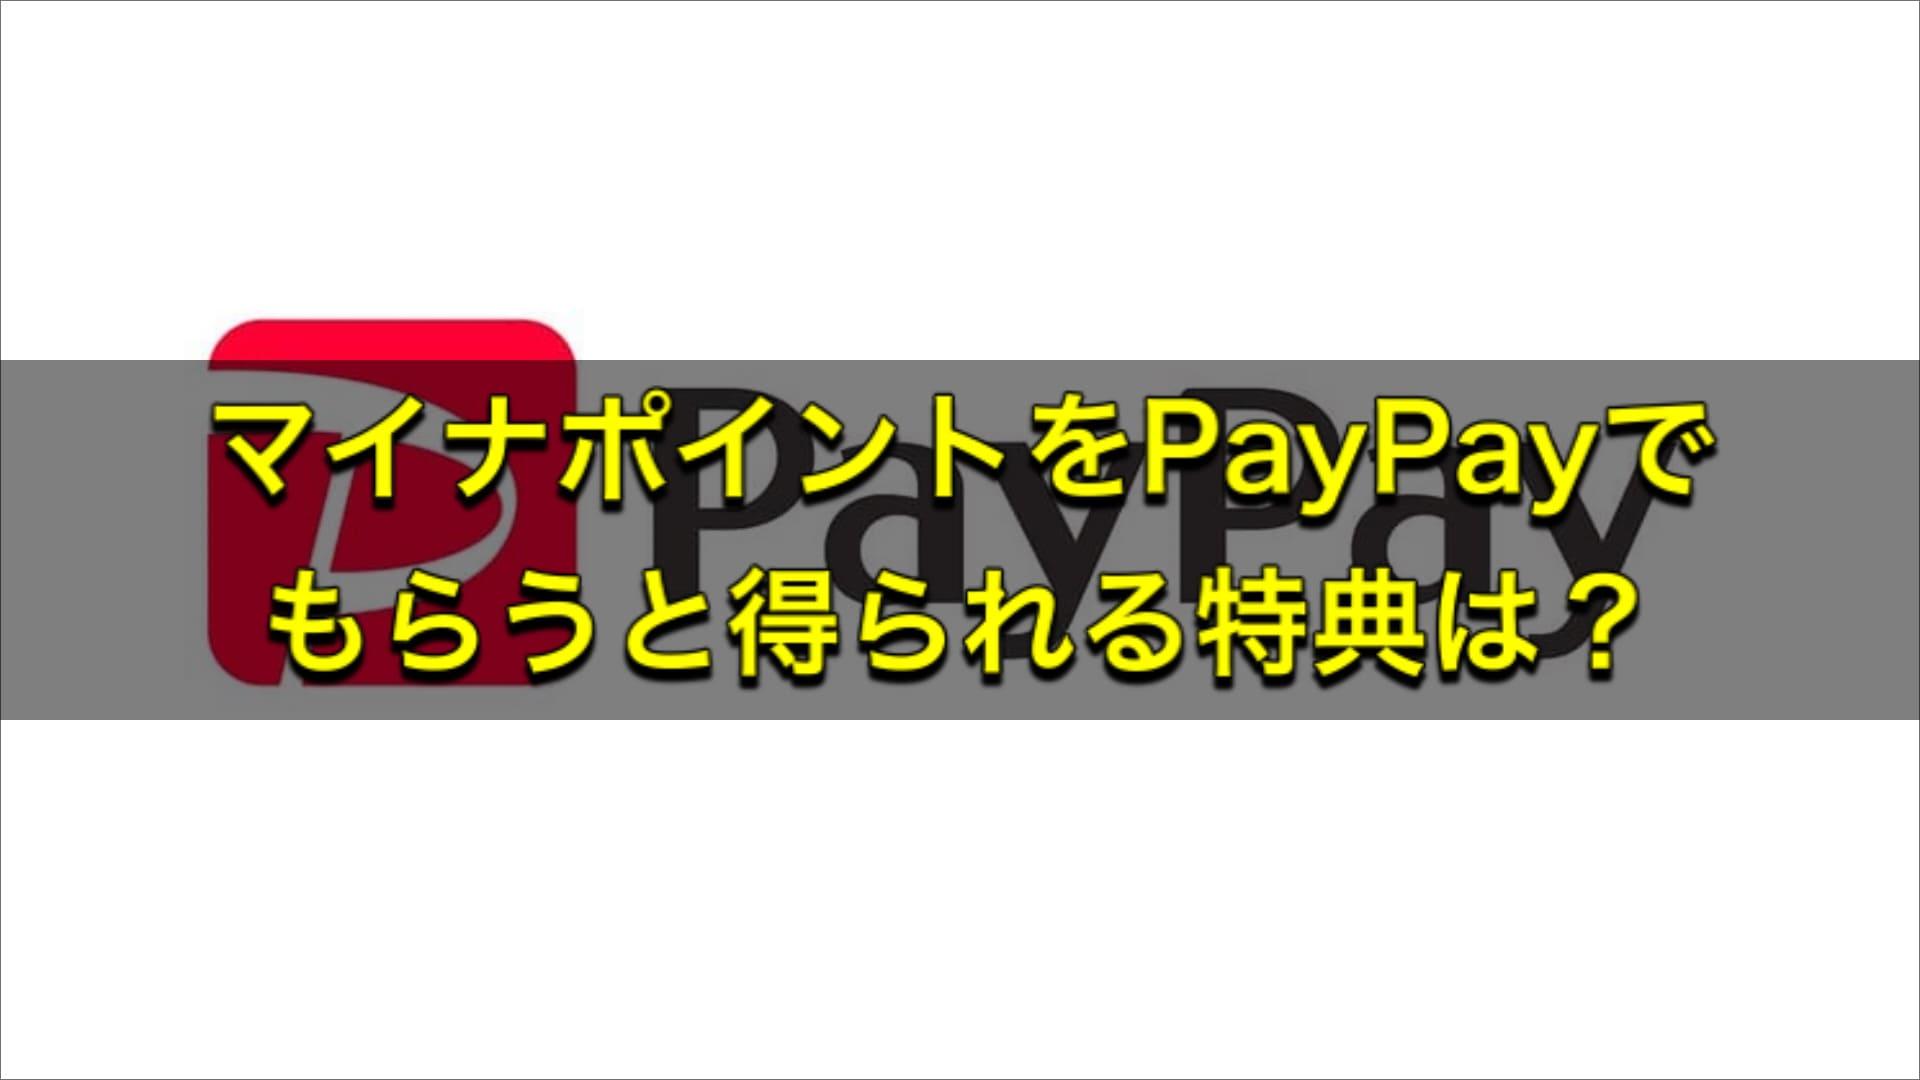 【徹底解説】マイナポイントをPayPayでもらうと得られる特典は?